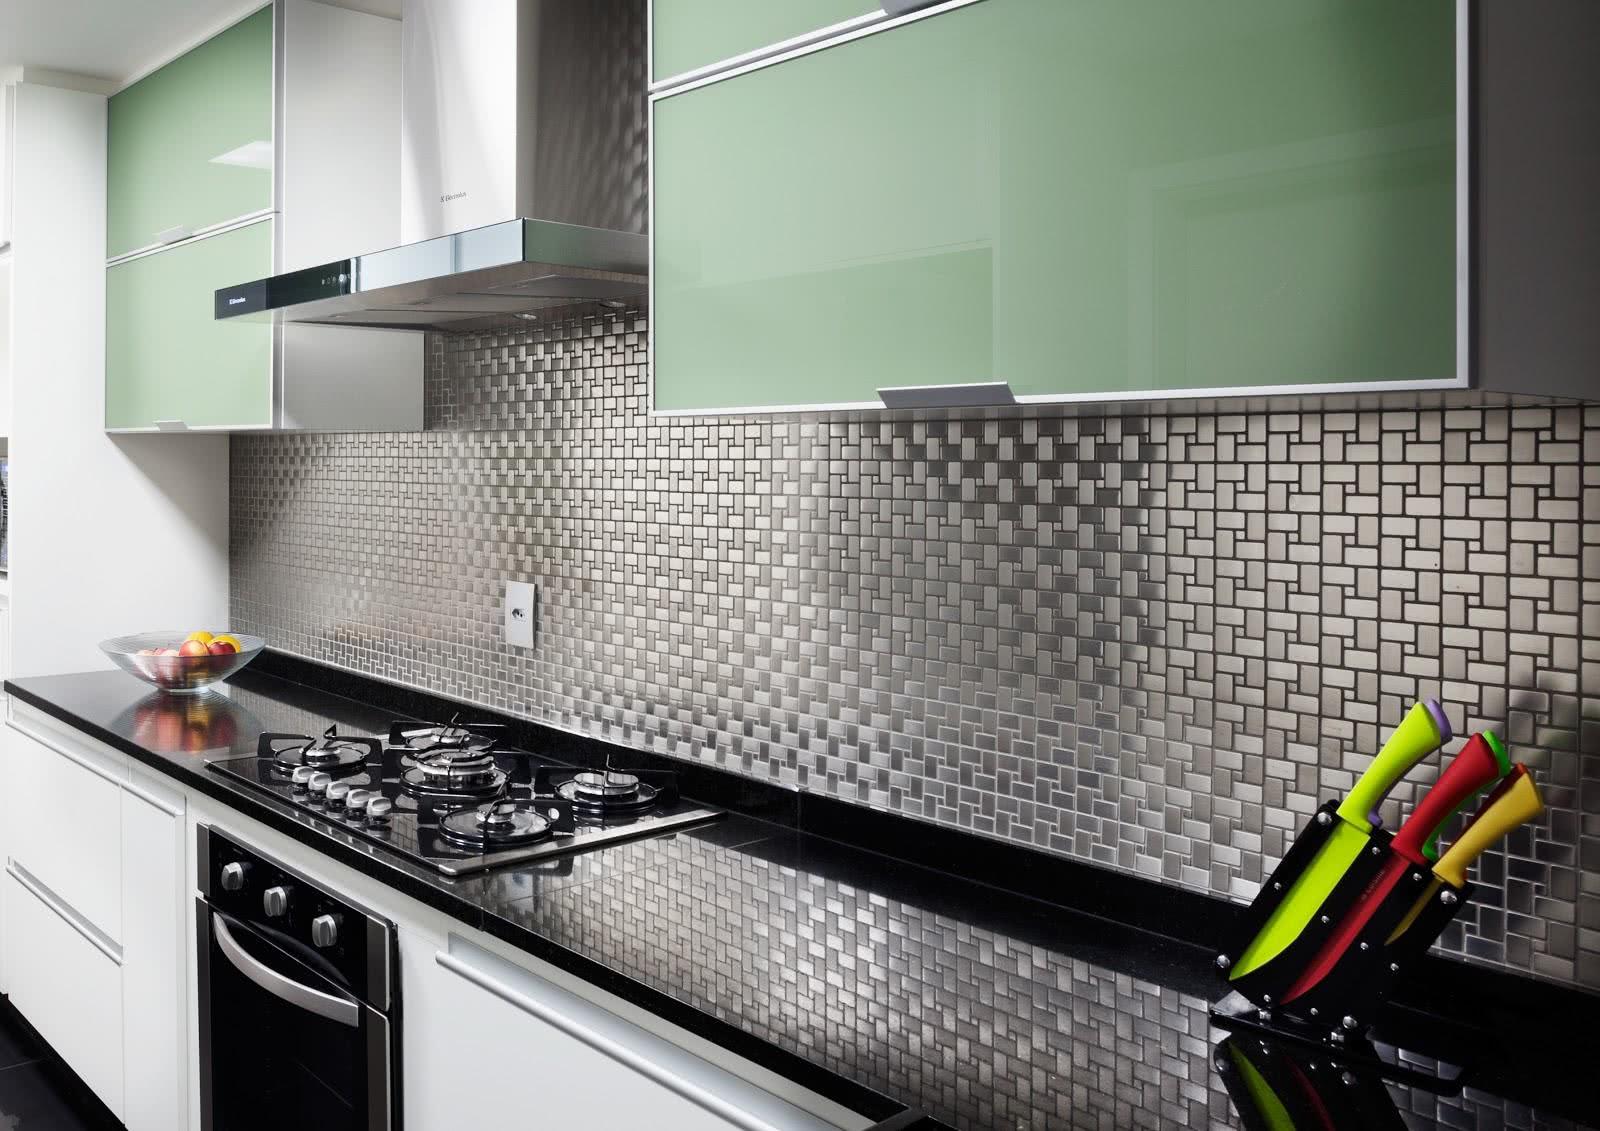 85 Cozinhas Decoradas Com Pastilhas Fotos E Aplica Es